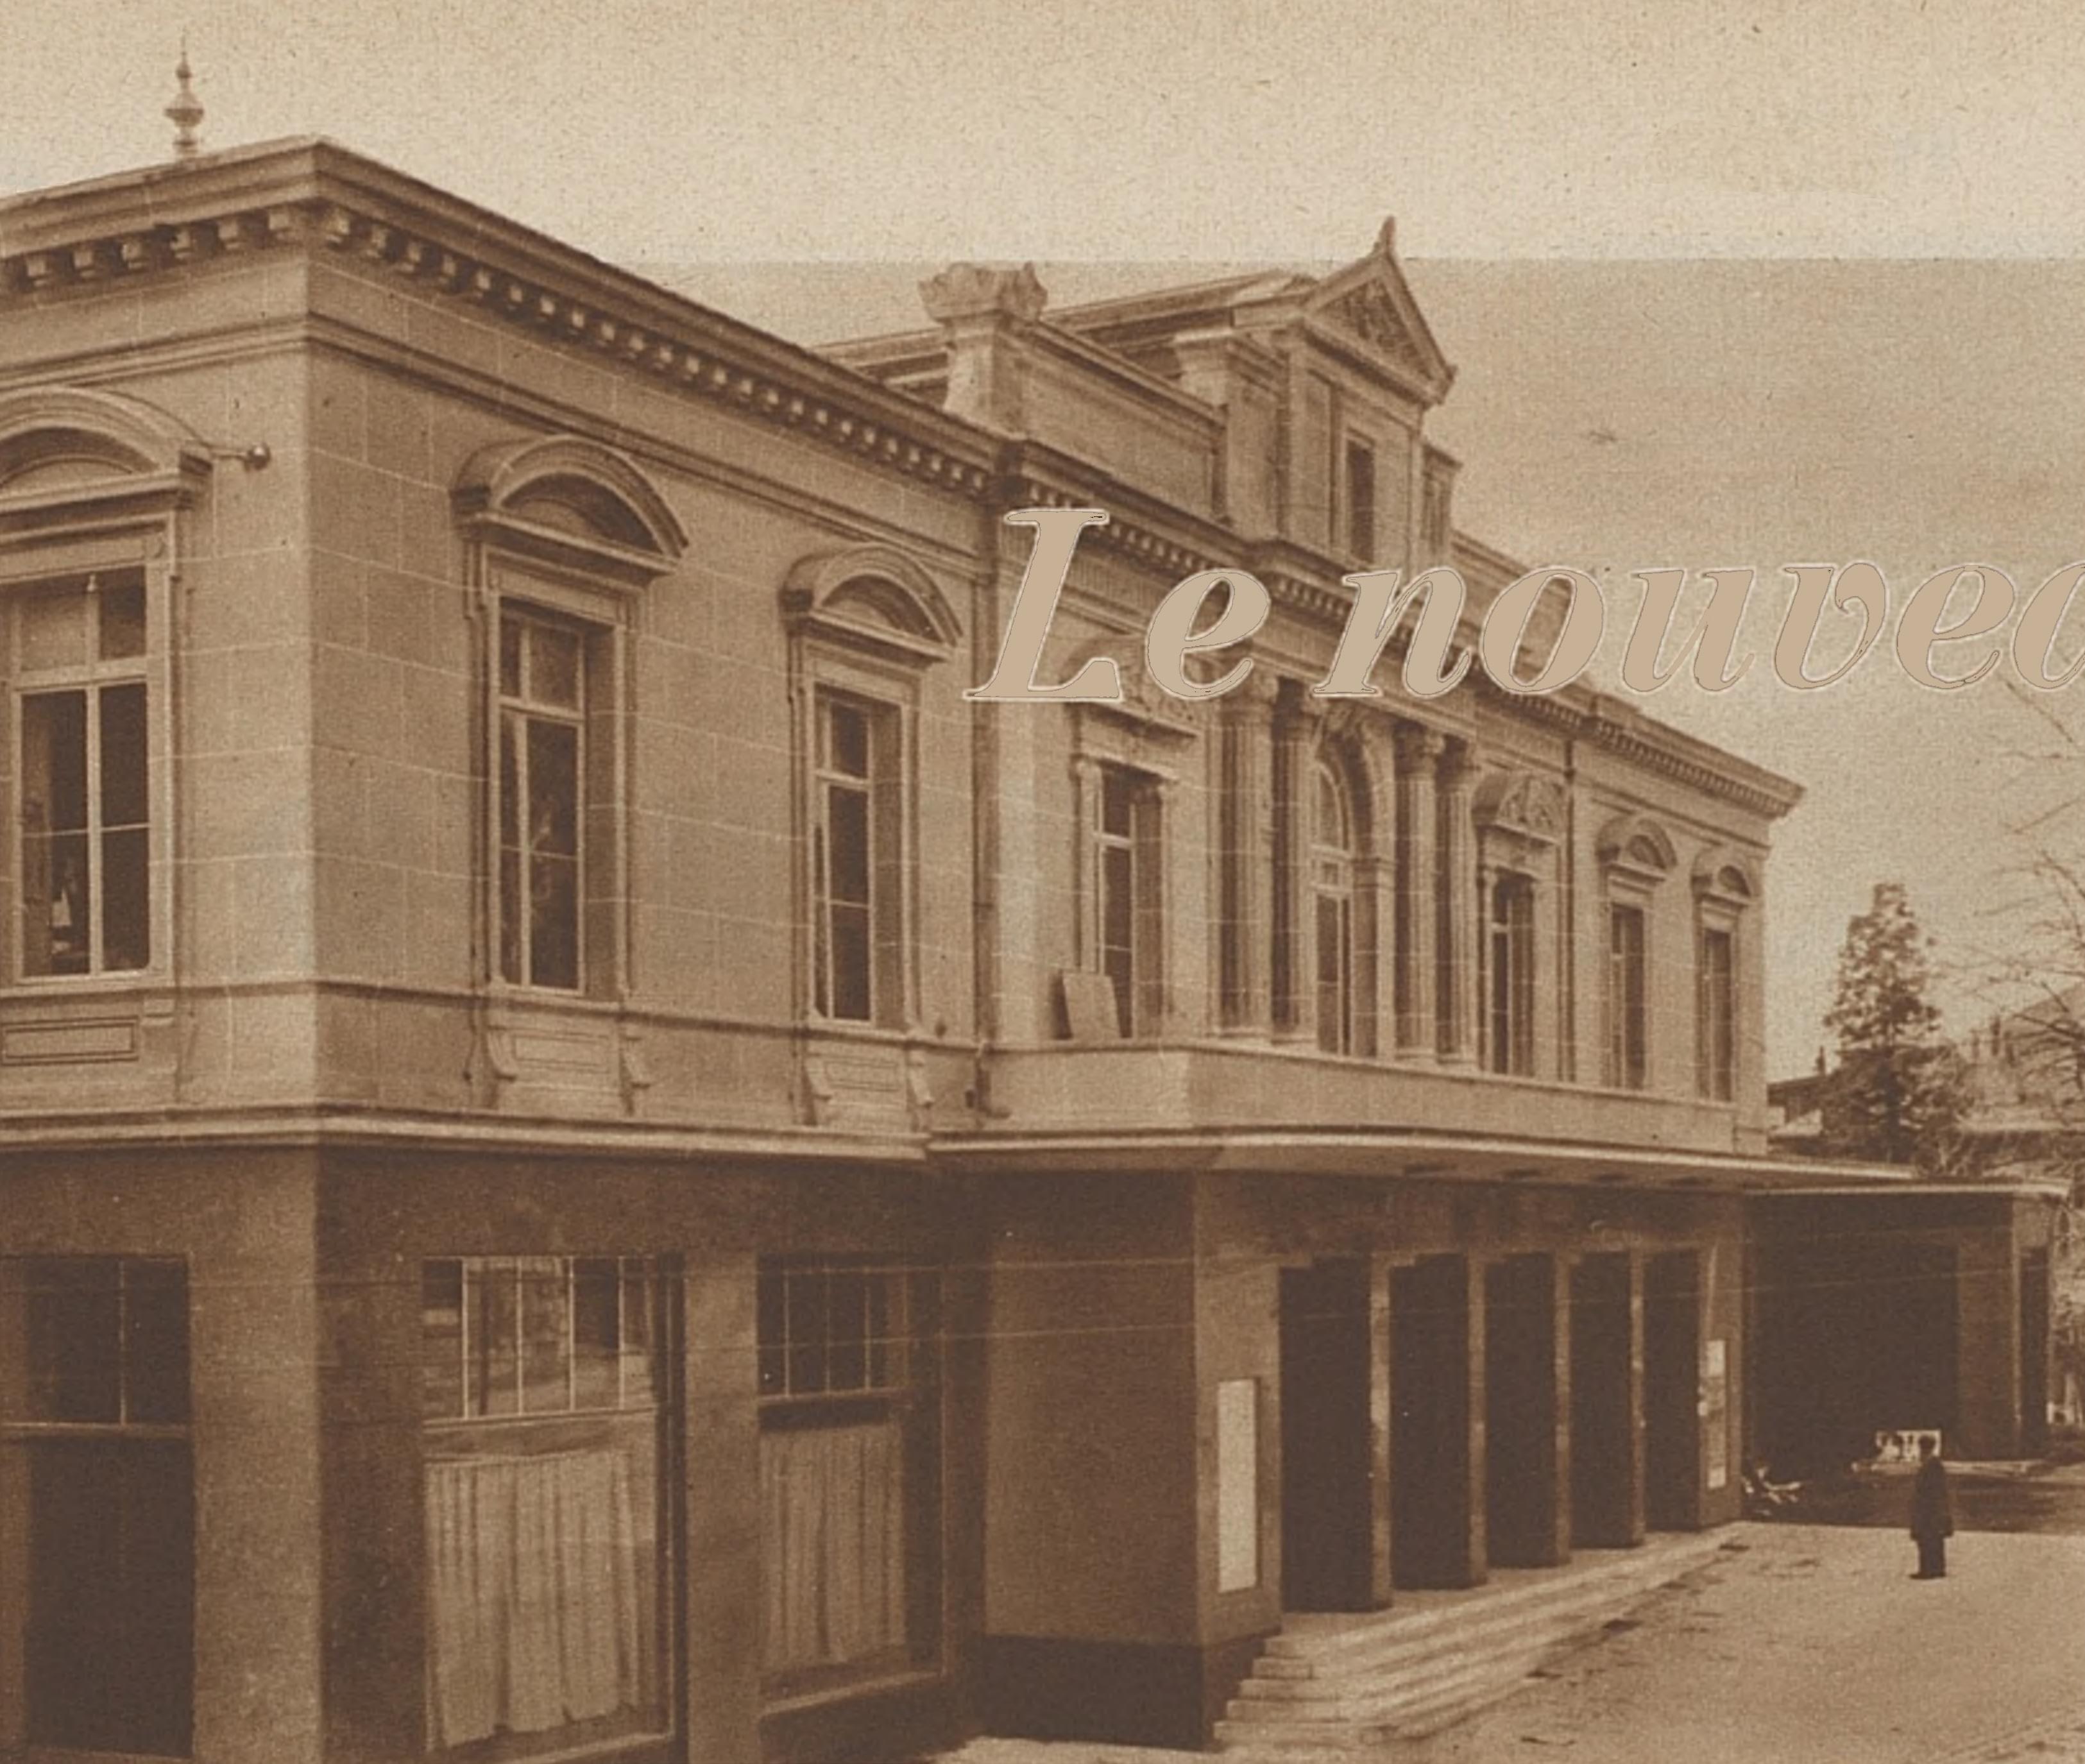 La façade du Théâtre Municipal de Lausanne après sa restauration de 1932, une photo publiée dans la revue L'Illustré du 14 avril 1932, No 16, page 472